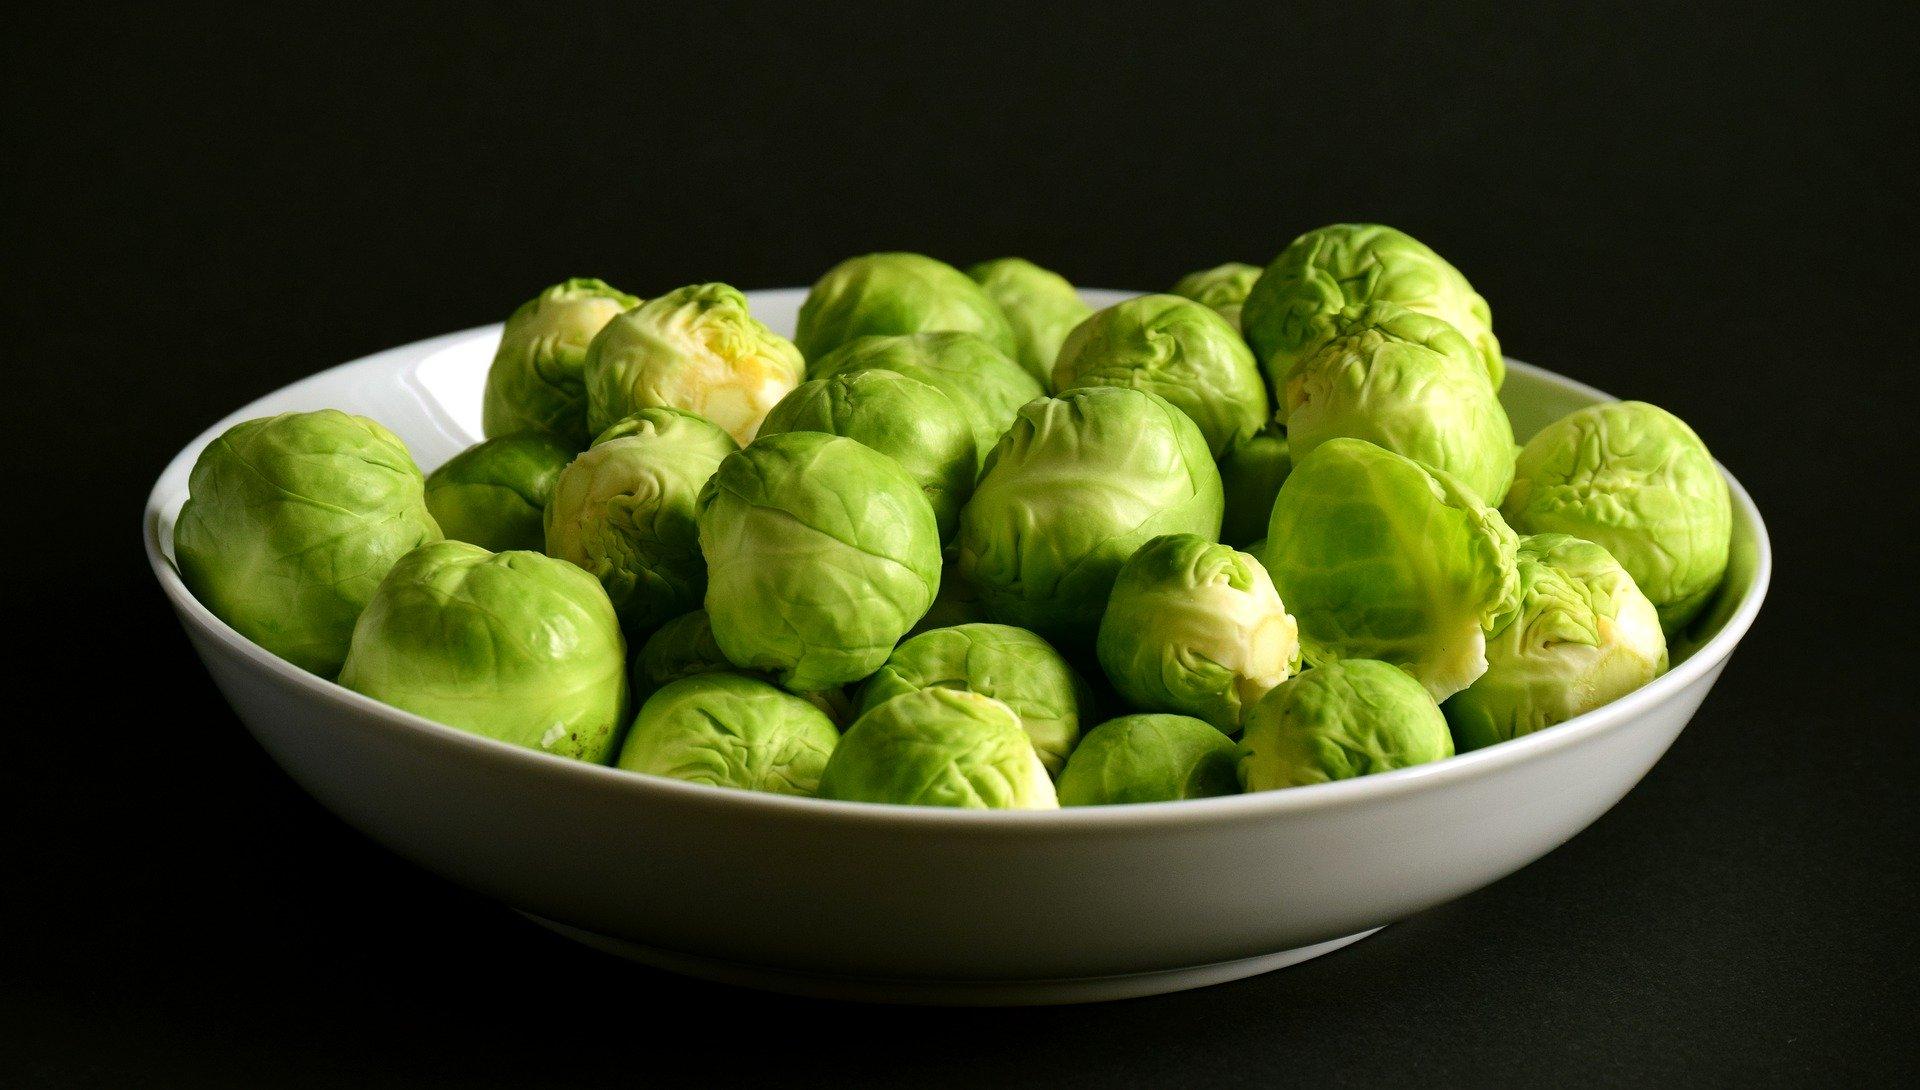 Jedz zielone – dlaczego warto jeść zielone warzywa?